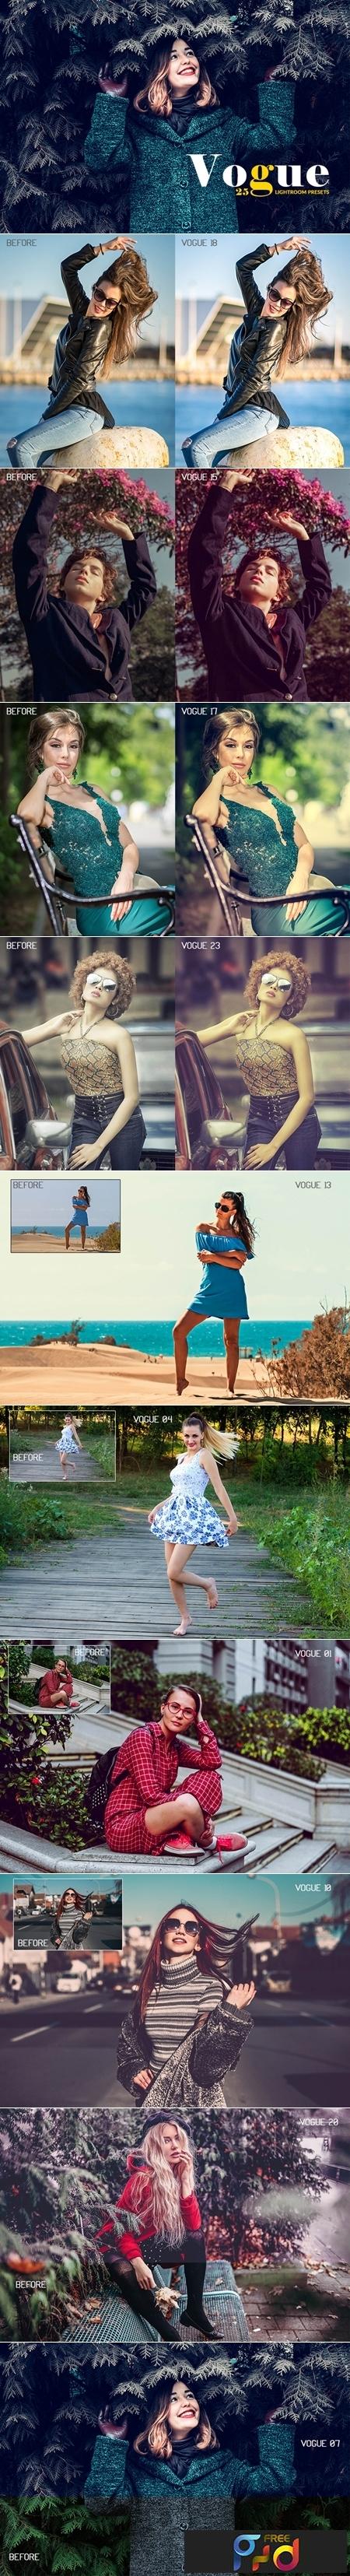 25 Vogue Lightroom Presets 3547843 1